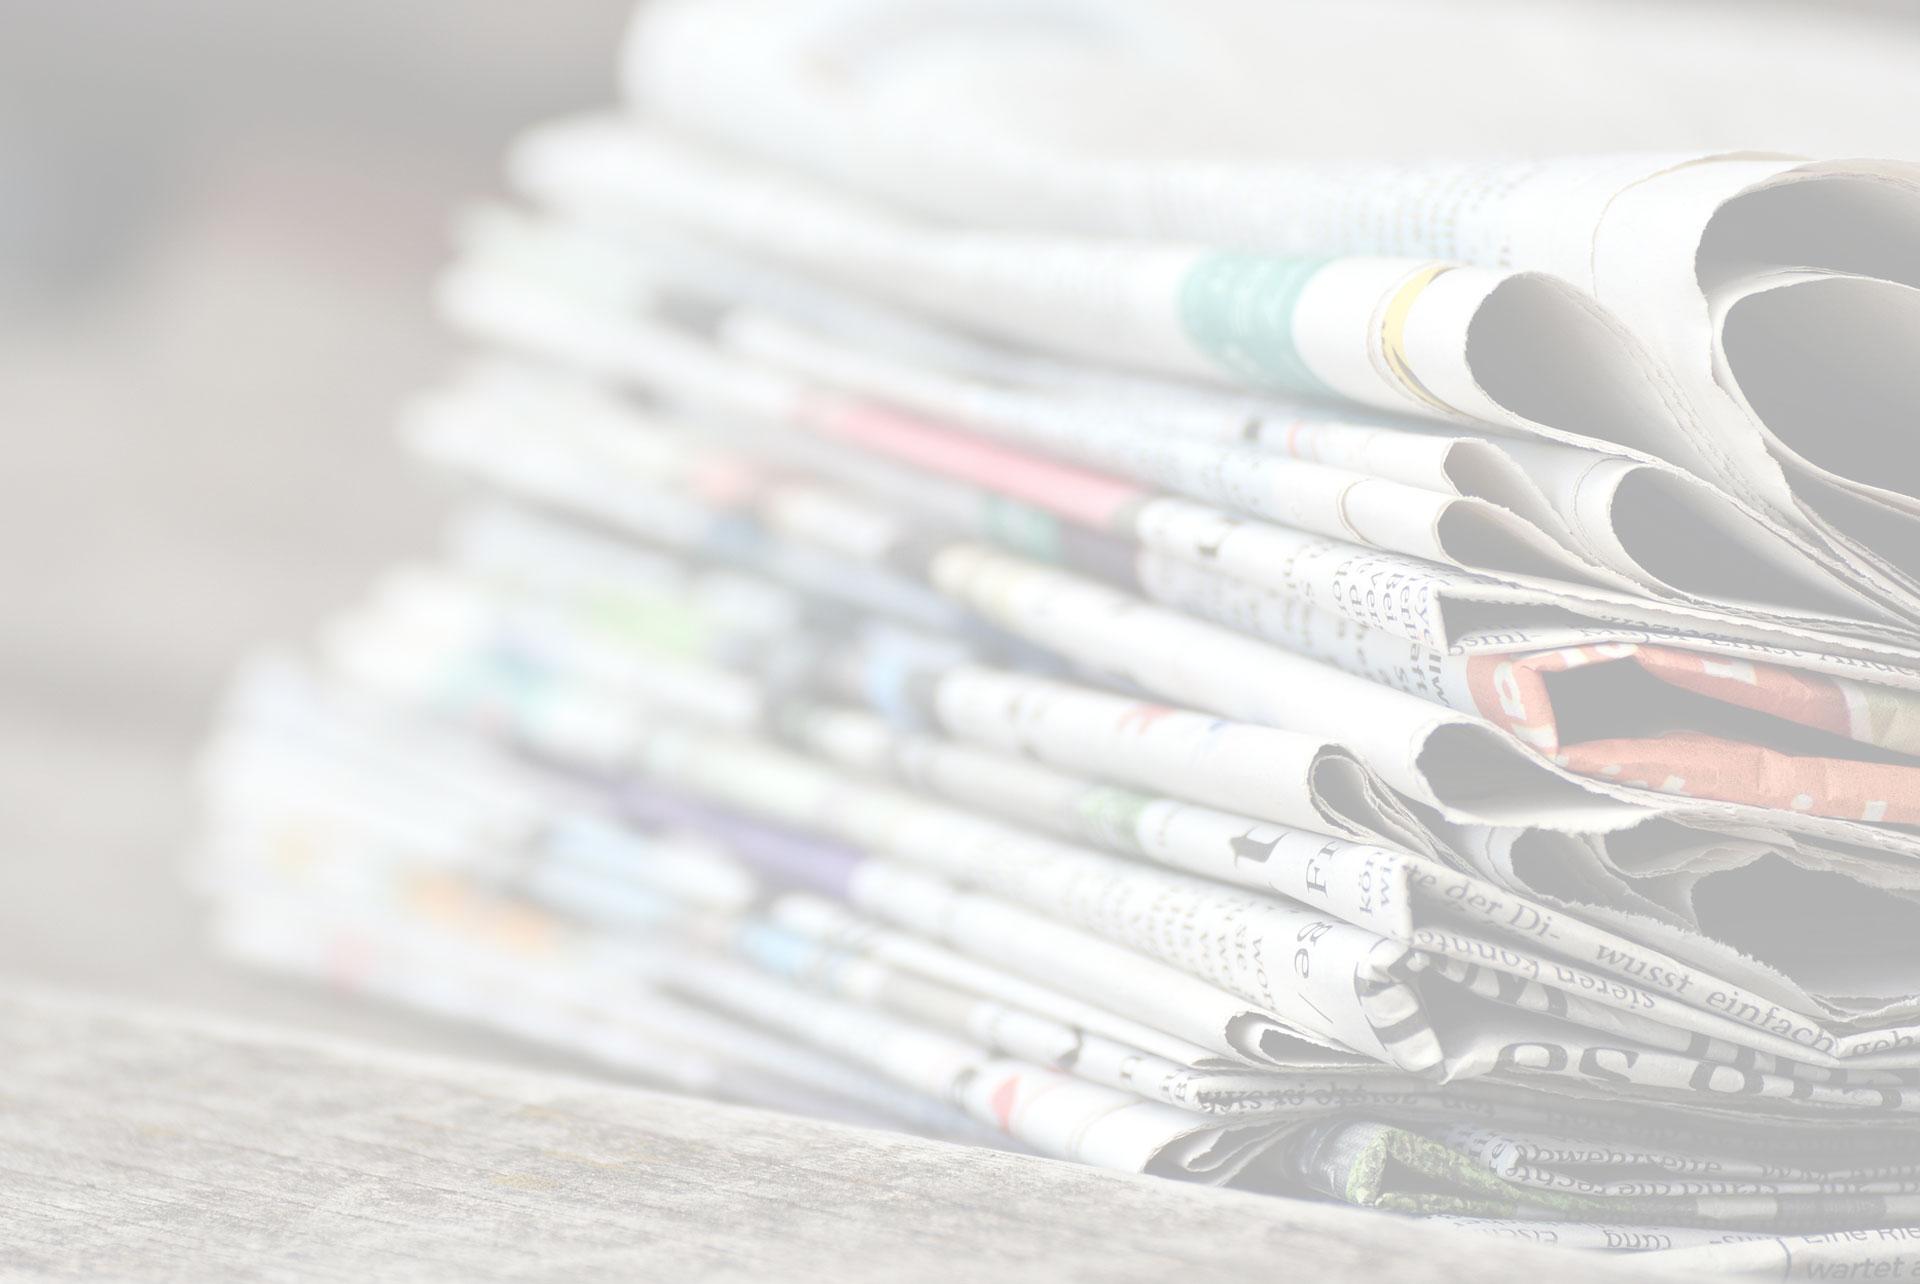 Campari acquista il 49 per cento di Tannico